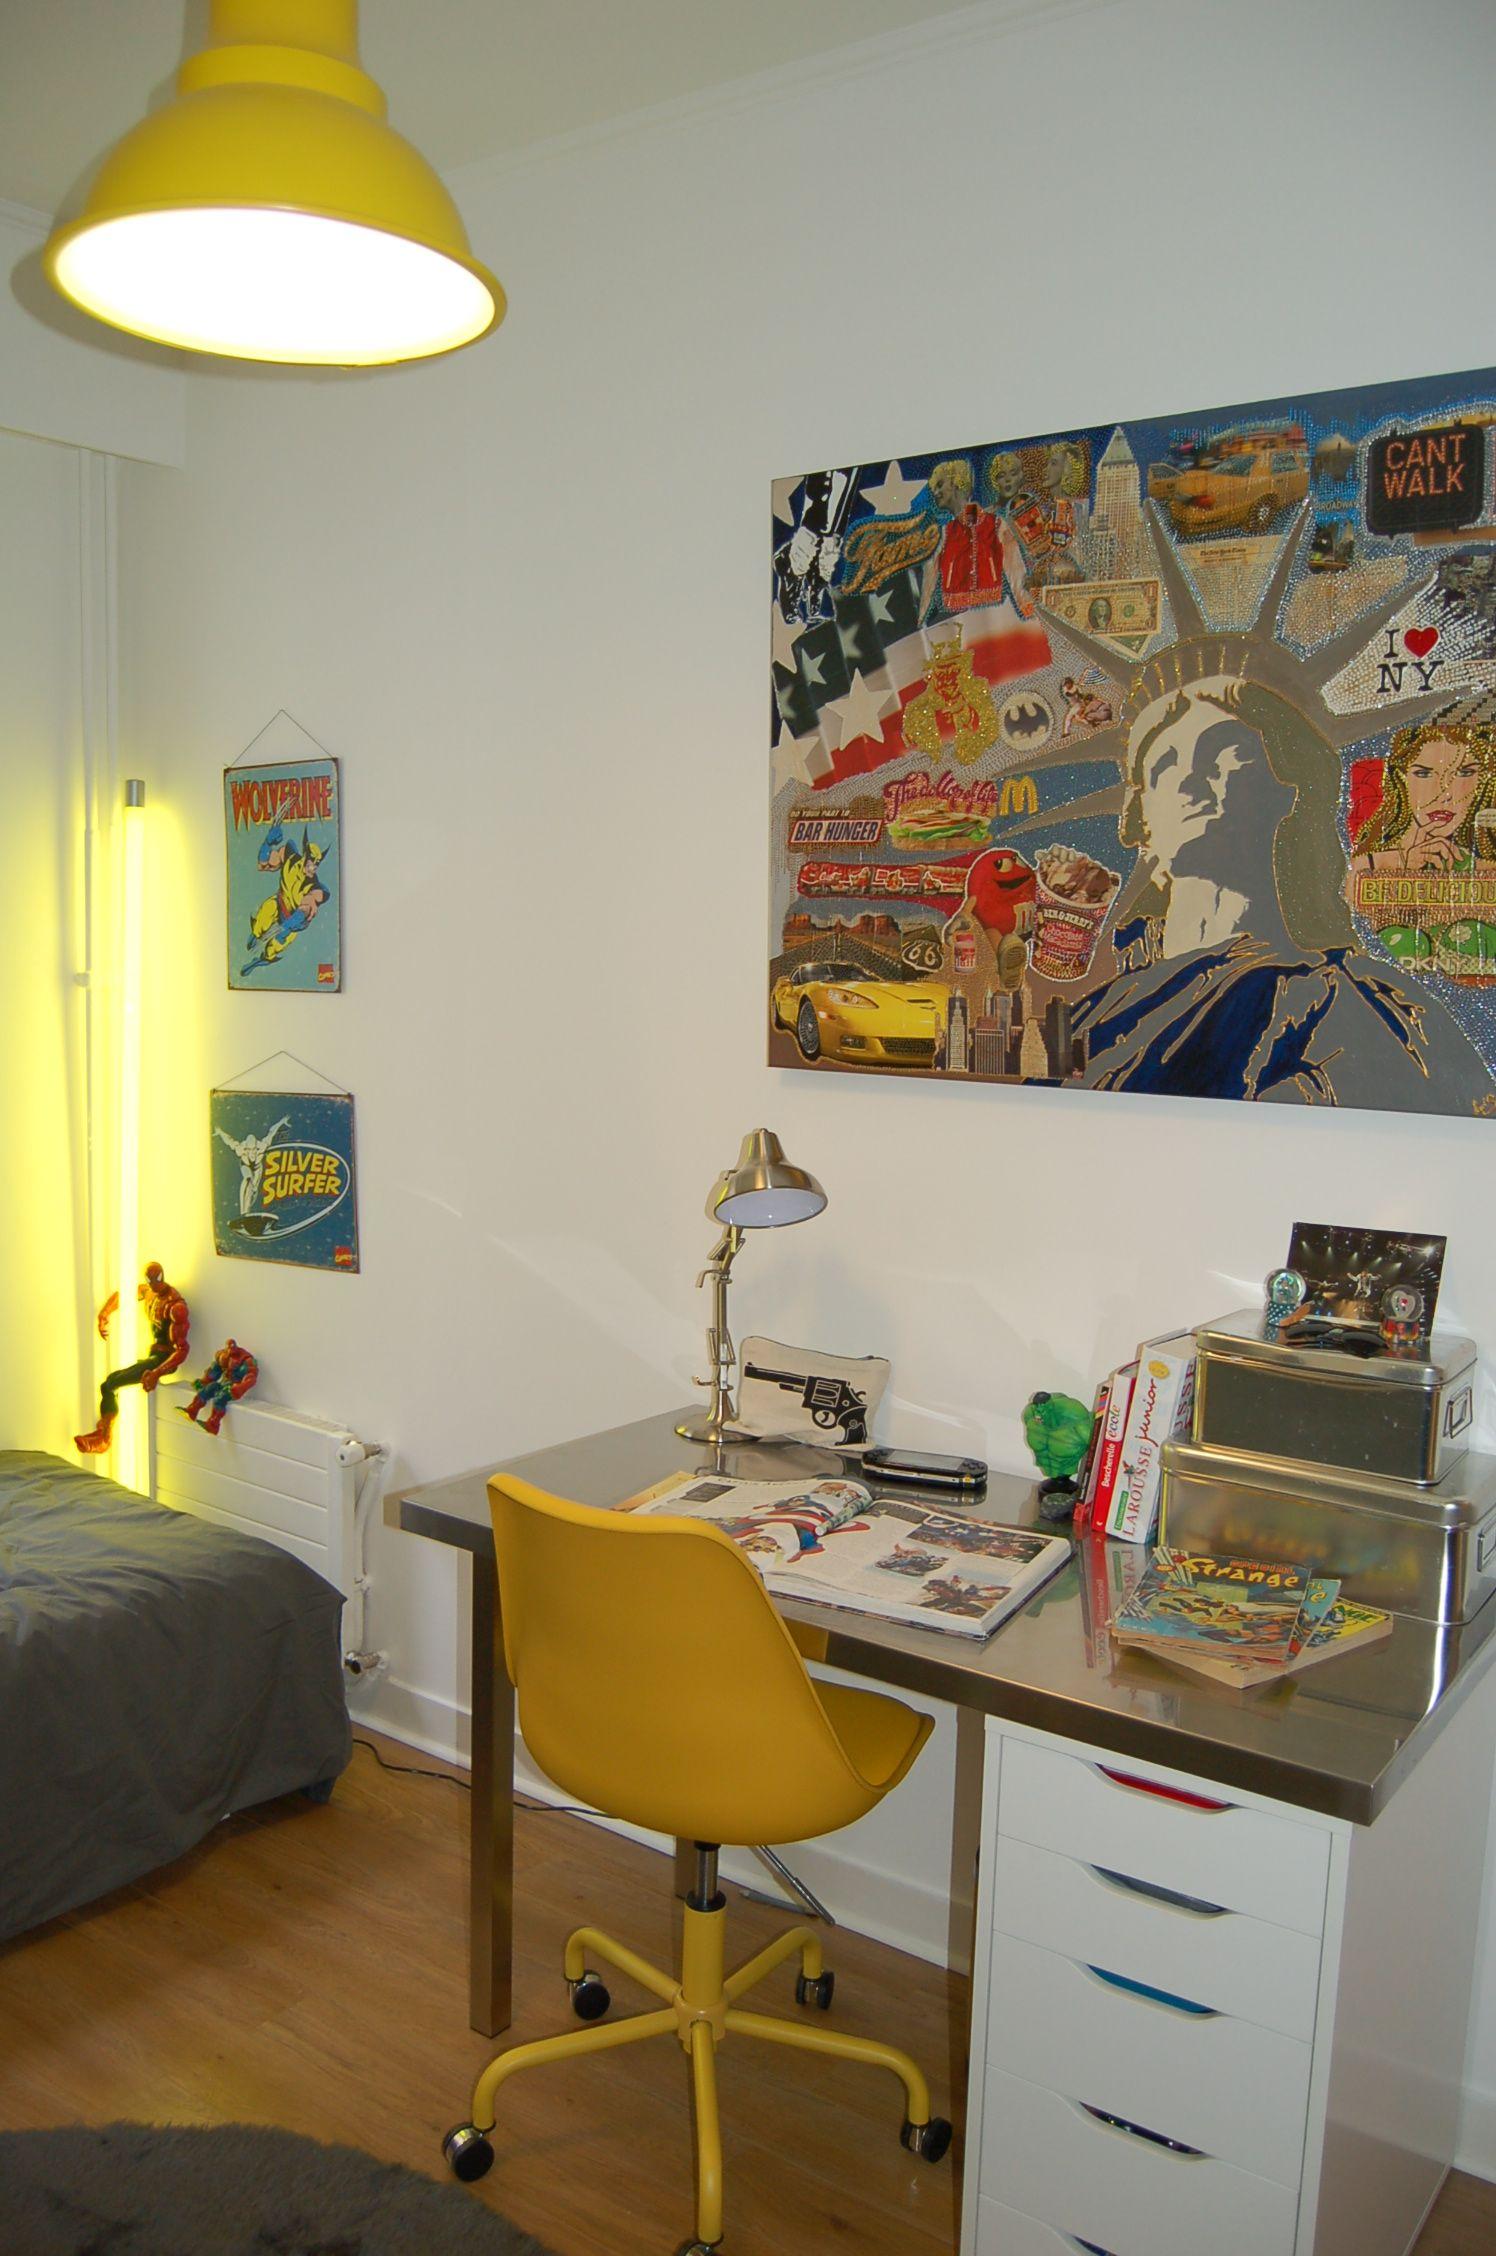 Chambre grise et jaune tableau new york chambre gar on bureau enfant bureau ado chambre ado - Deco chambre new york garcon ...